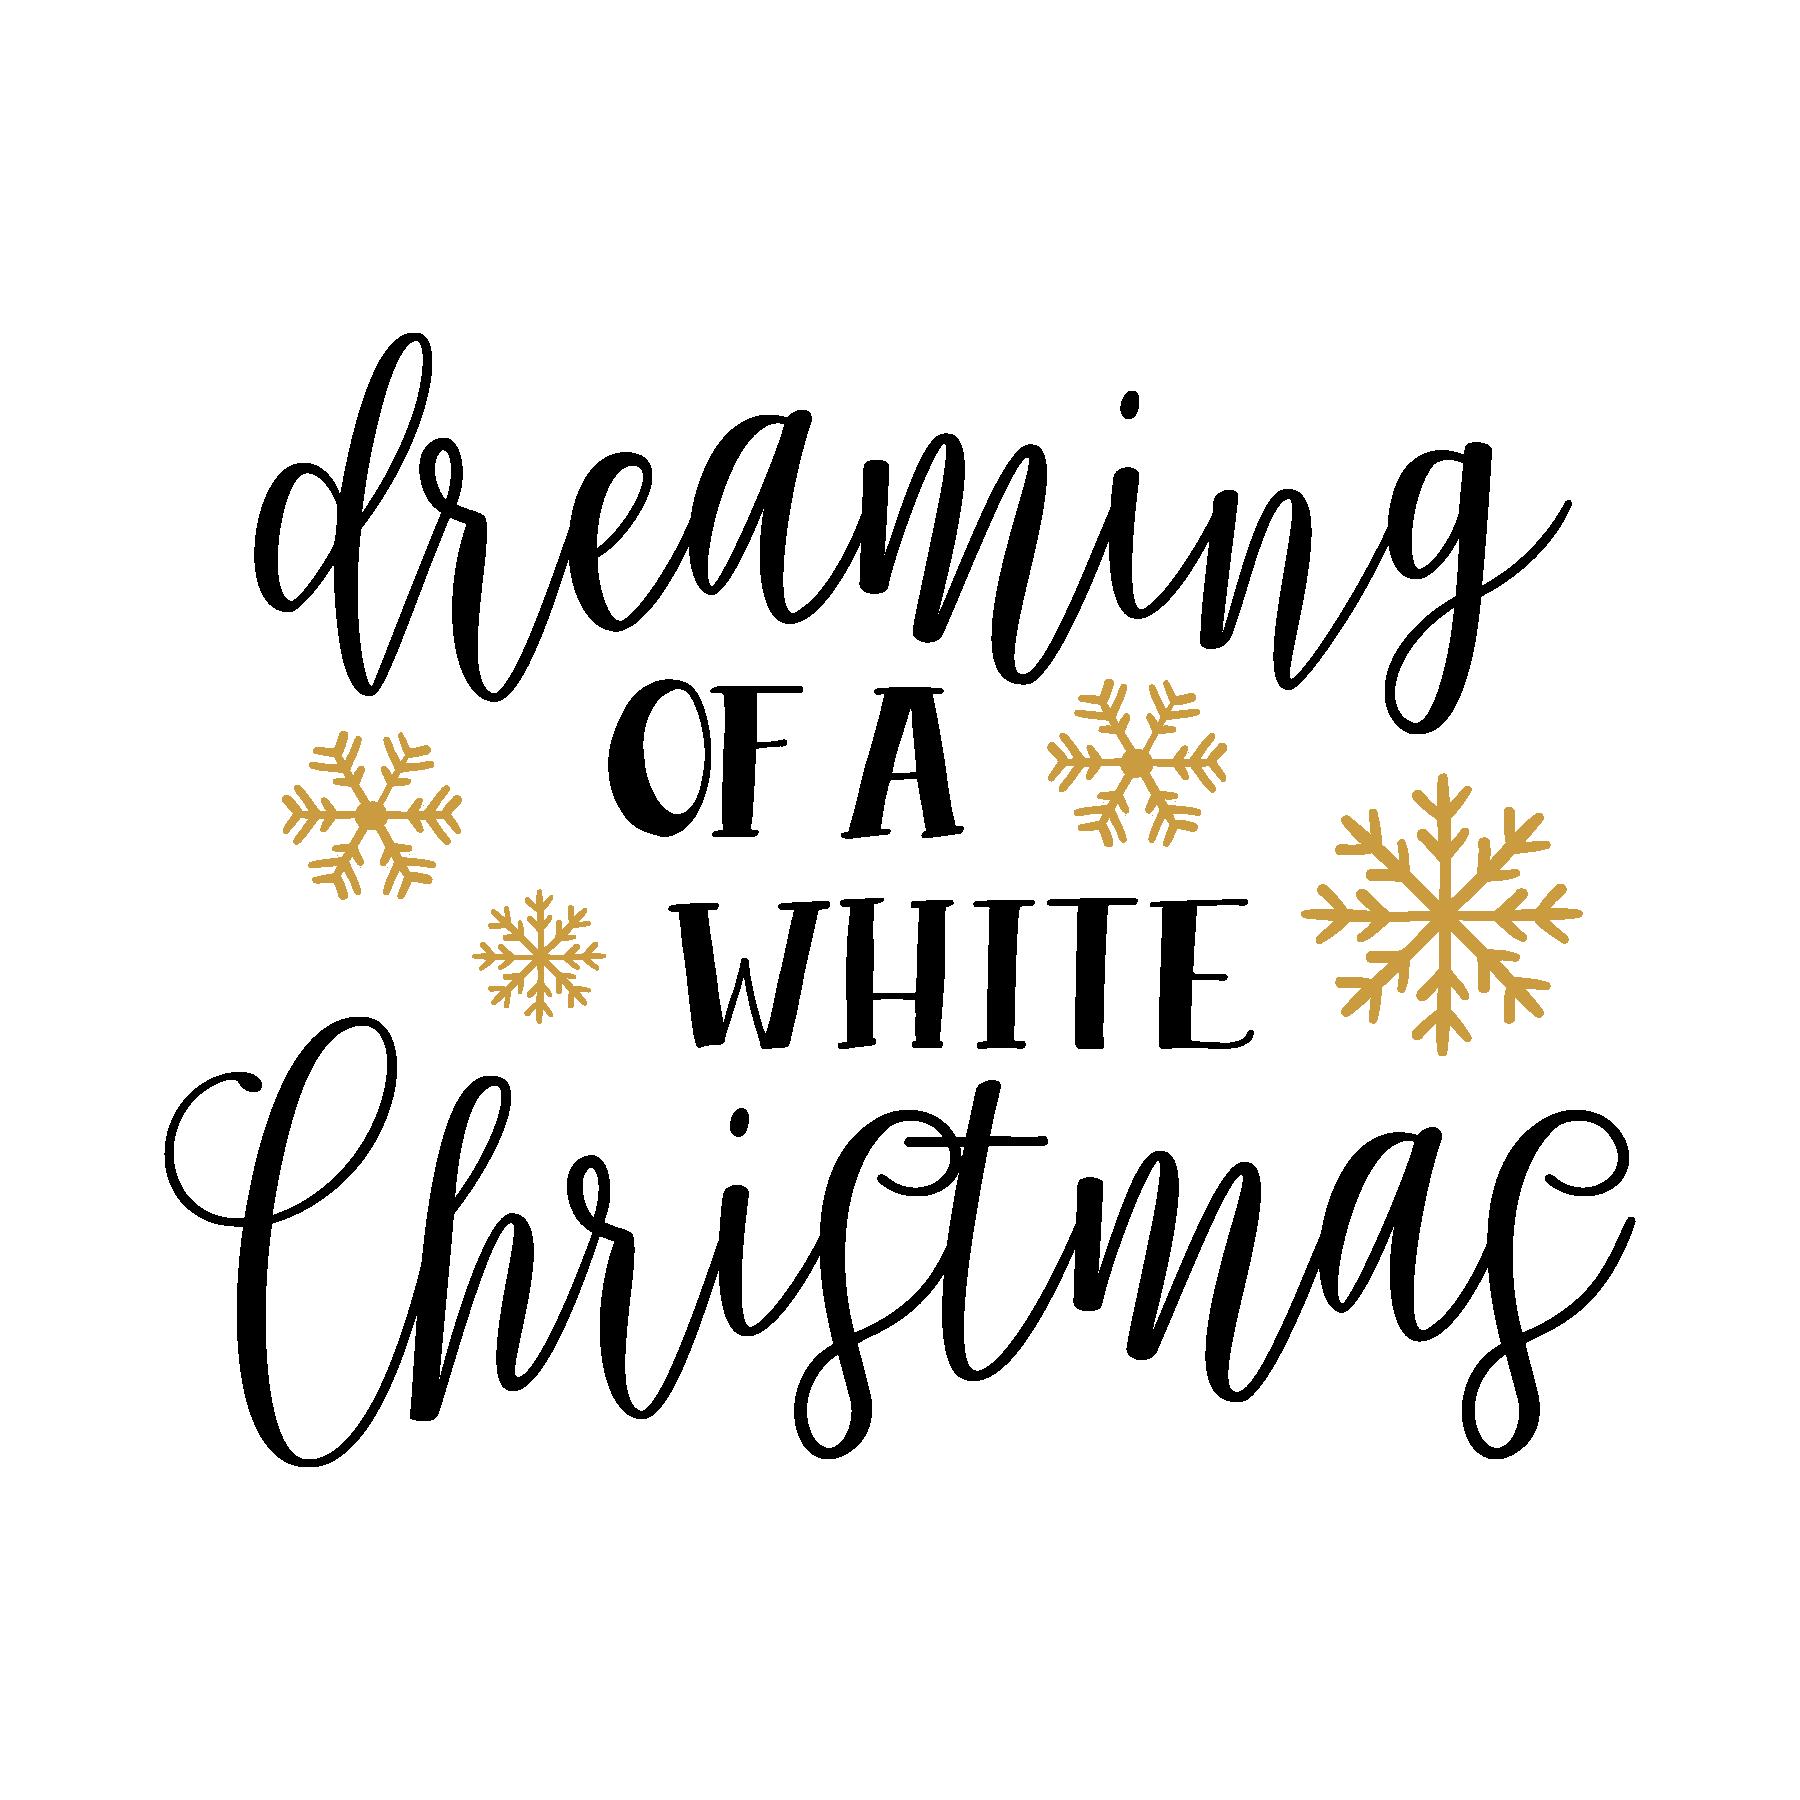 Whitechristmas1